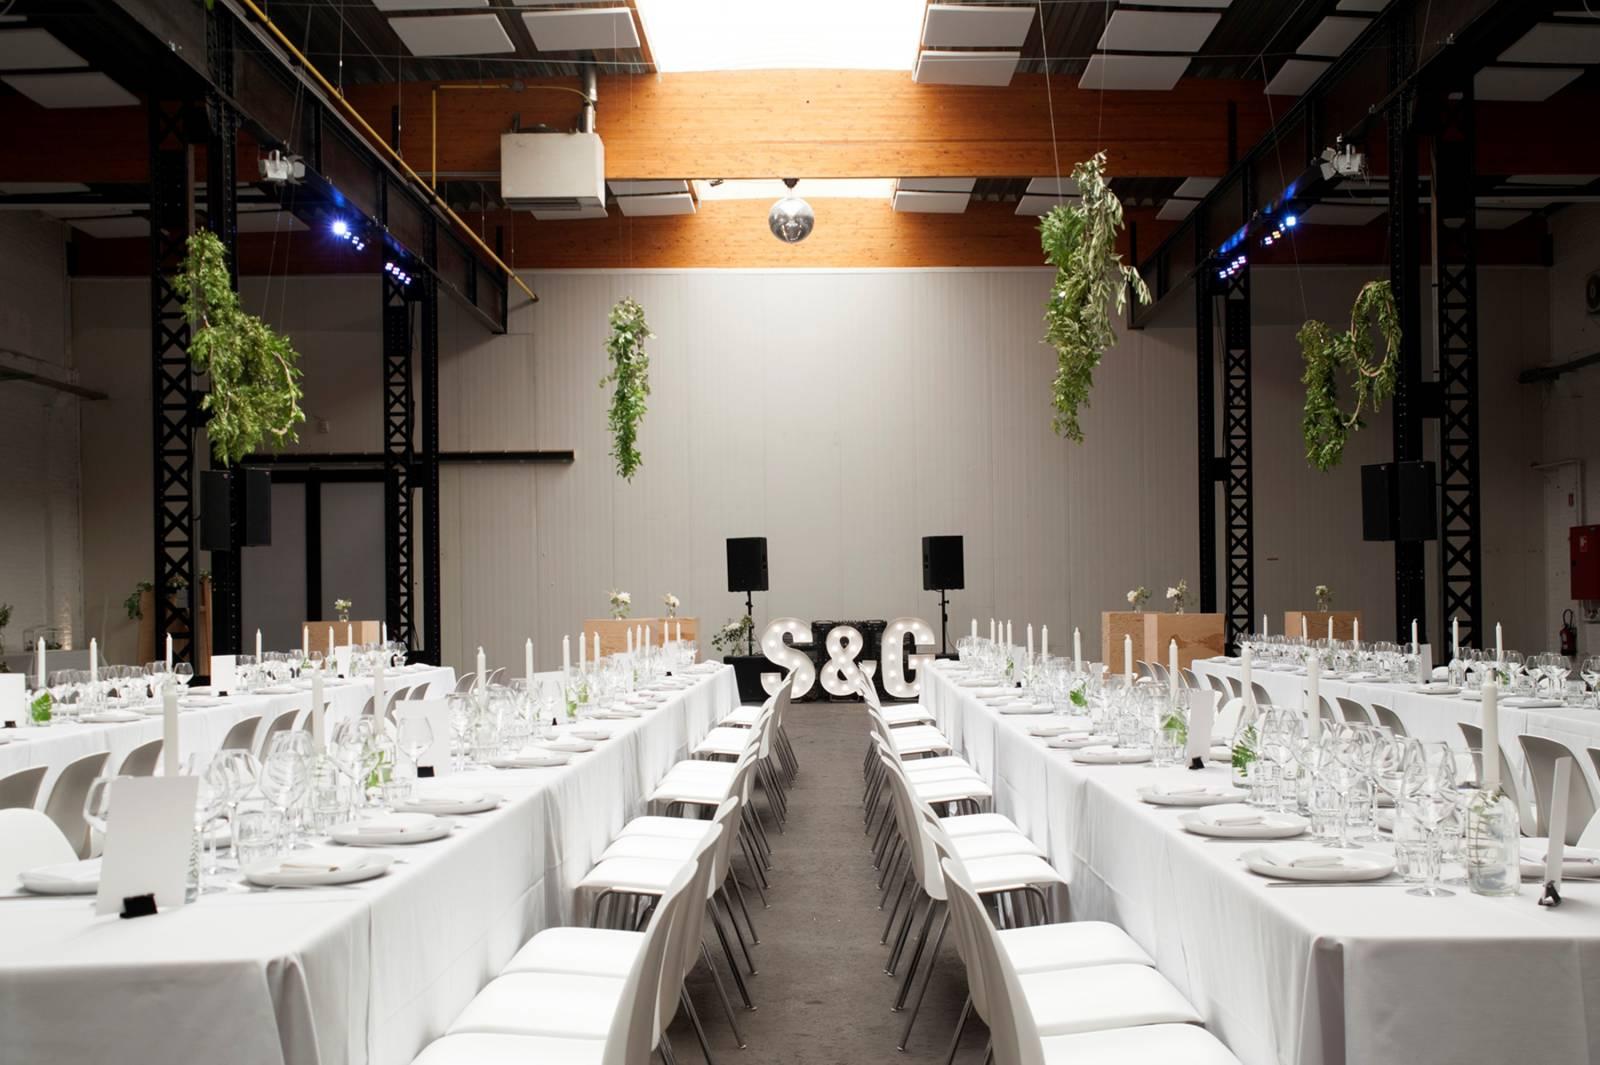 House of Weddings Firma Cantina Feestzaal Wedding Venue Huwelijk Brussel industrieel fabriek ceremonie receptie walking dinner (13)